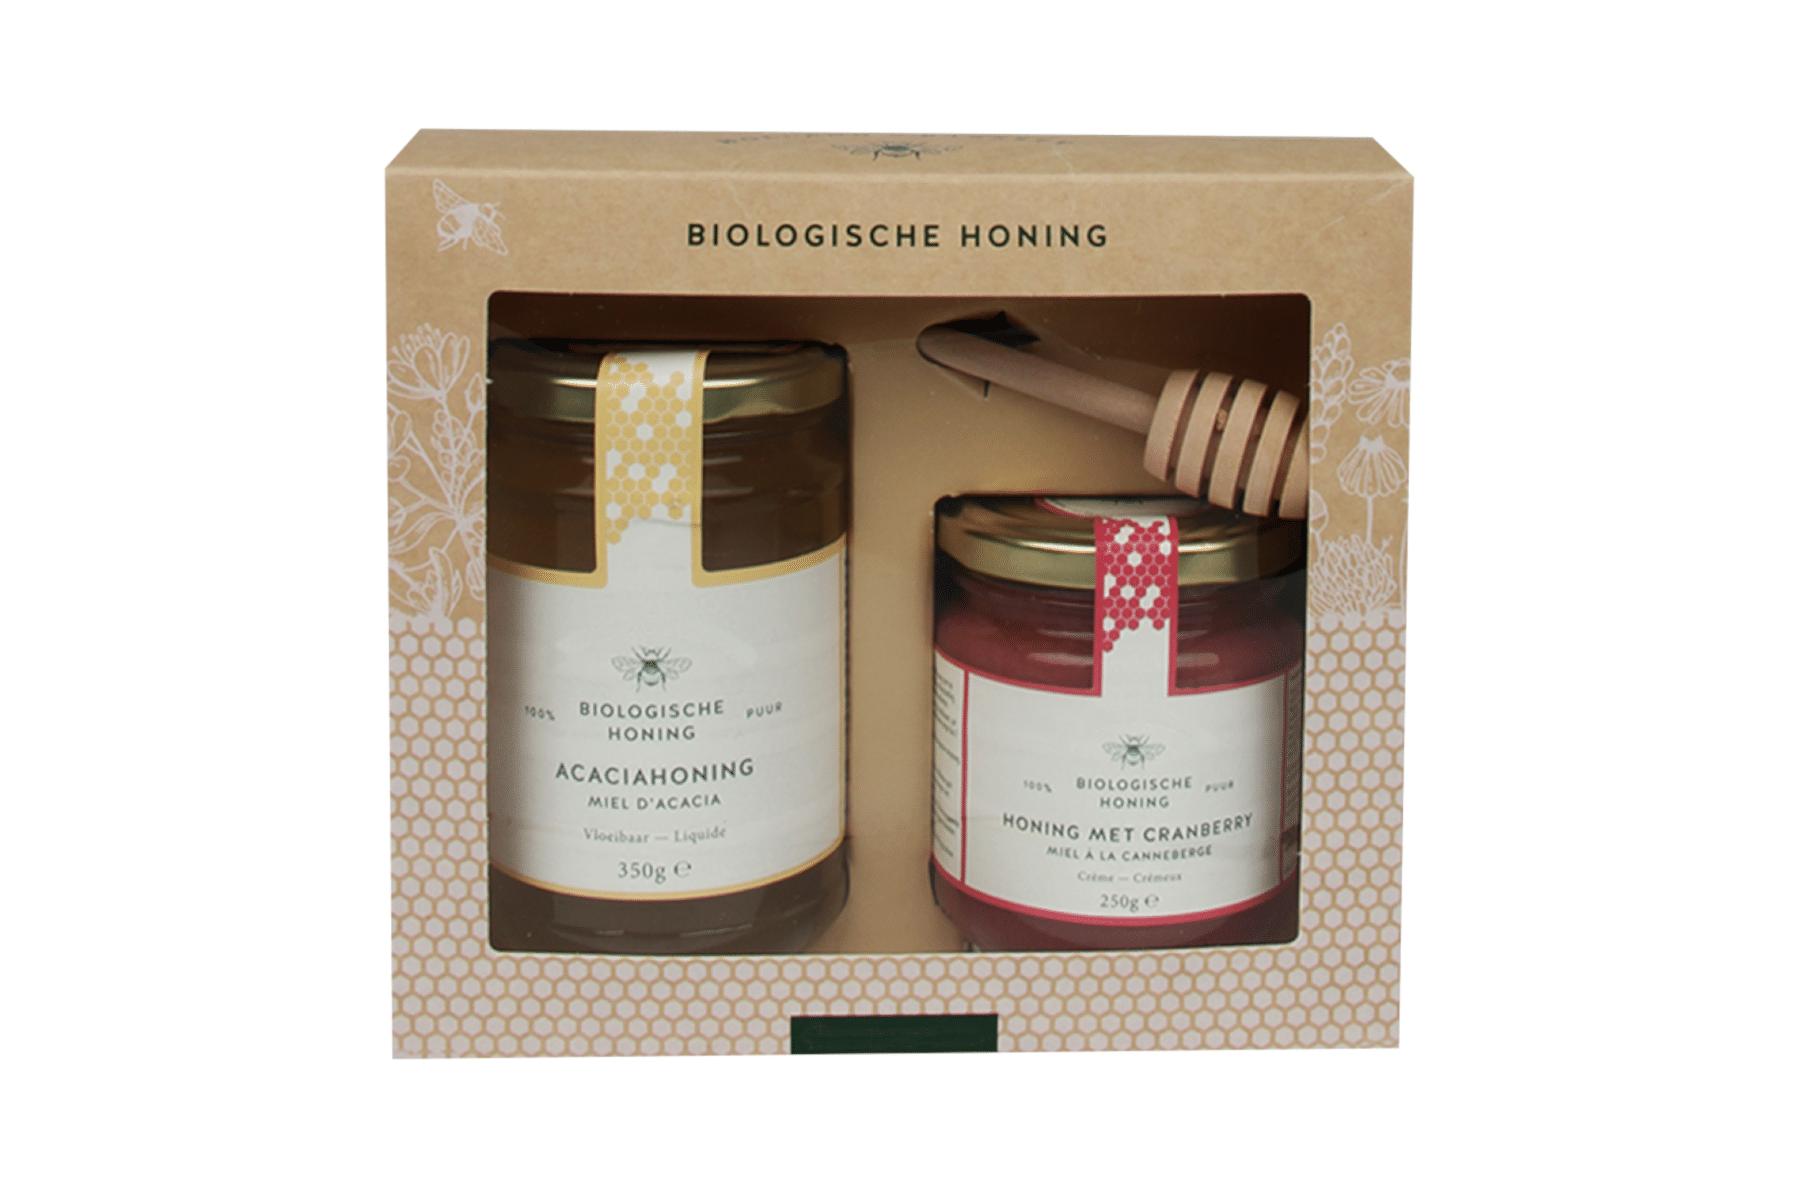 vouwkarton-verpakking-biologische honing